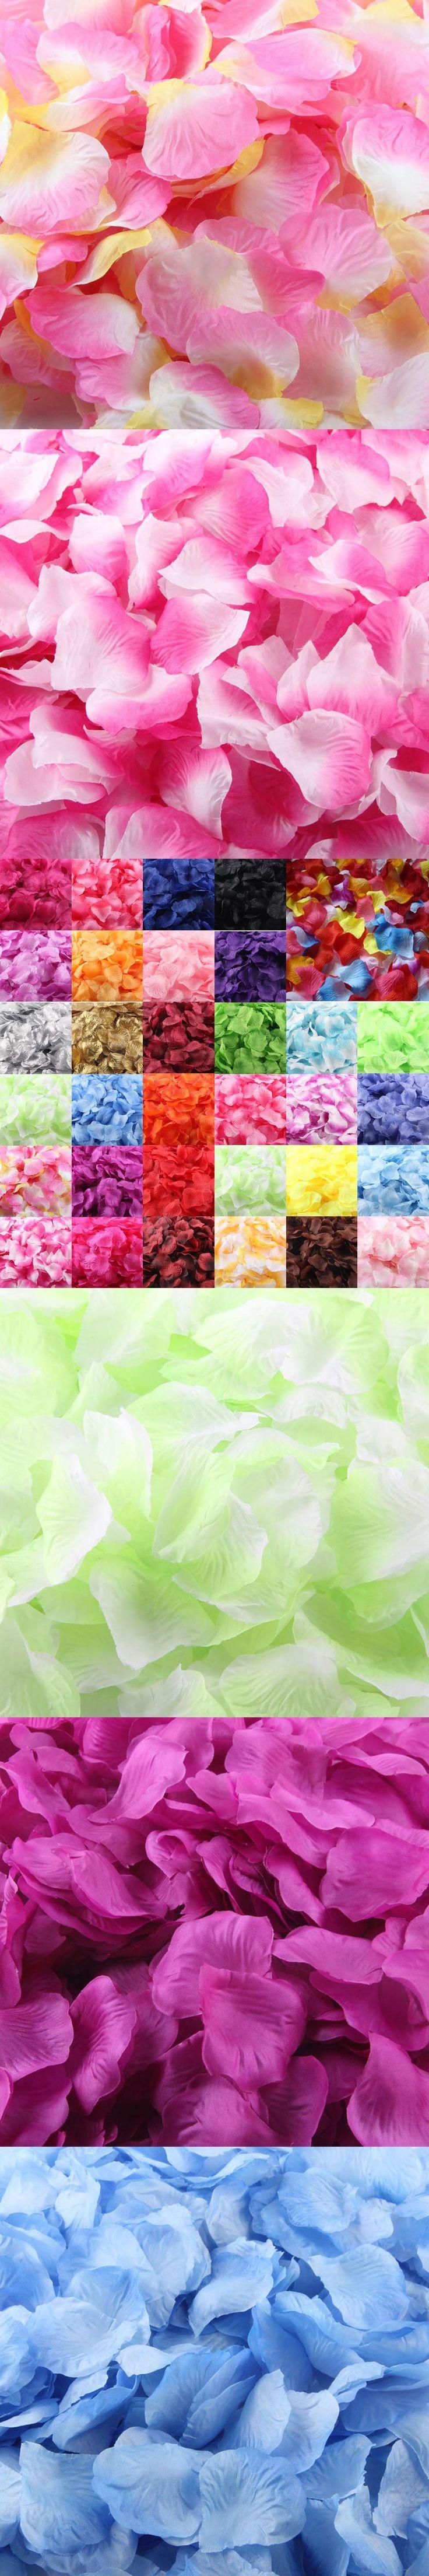 1000pcs Silk Rose Petals Artificial Flower Wedding Favor Bridal Shower Aisle Vase Decor Confetti Sep13